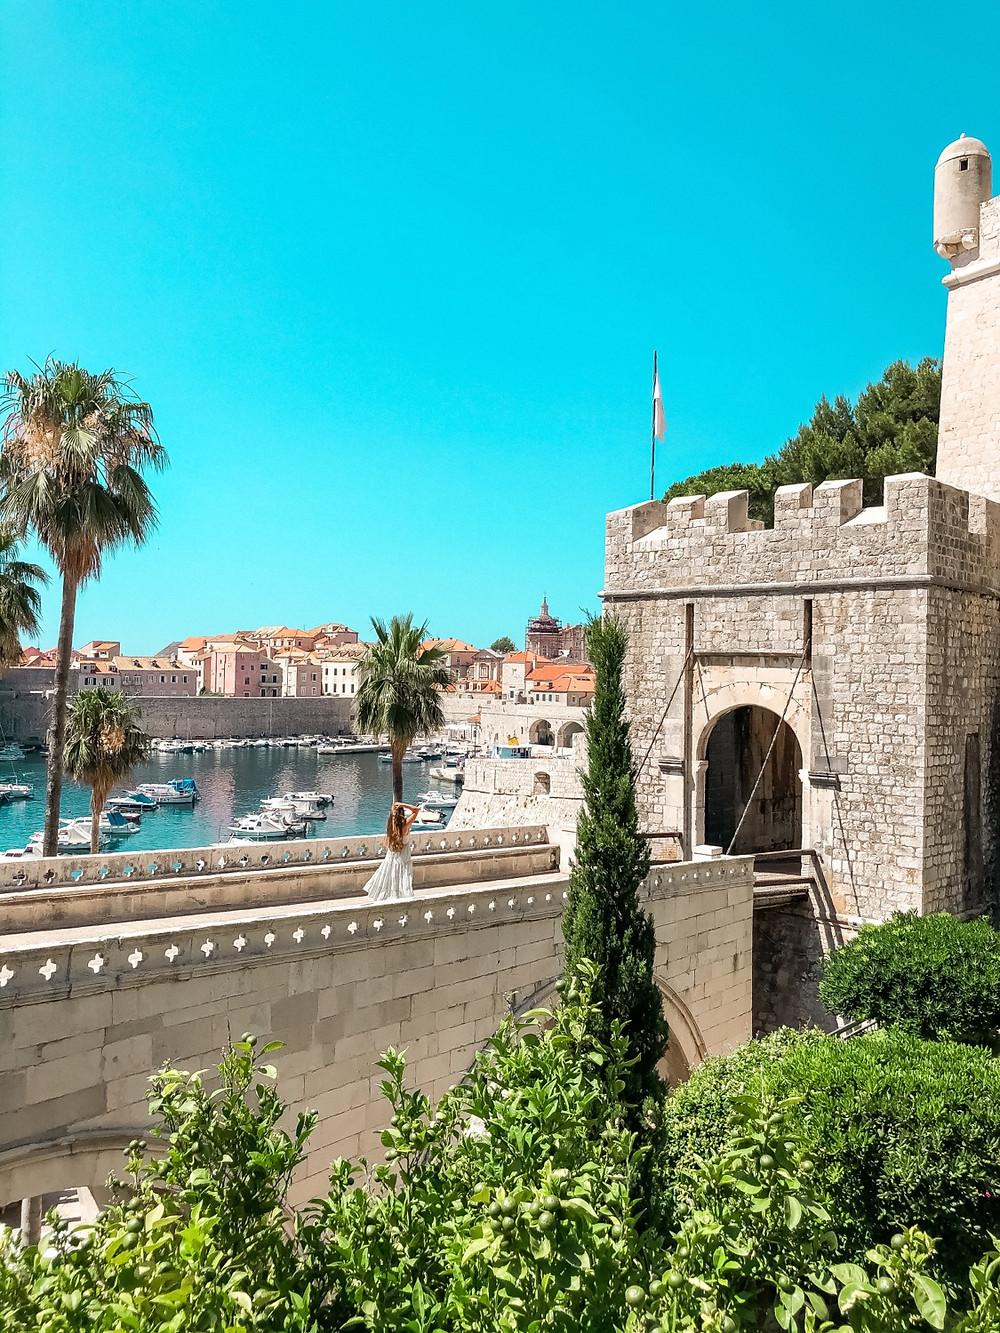 Dubrovnik-sehenswertes-fotospots-instagram